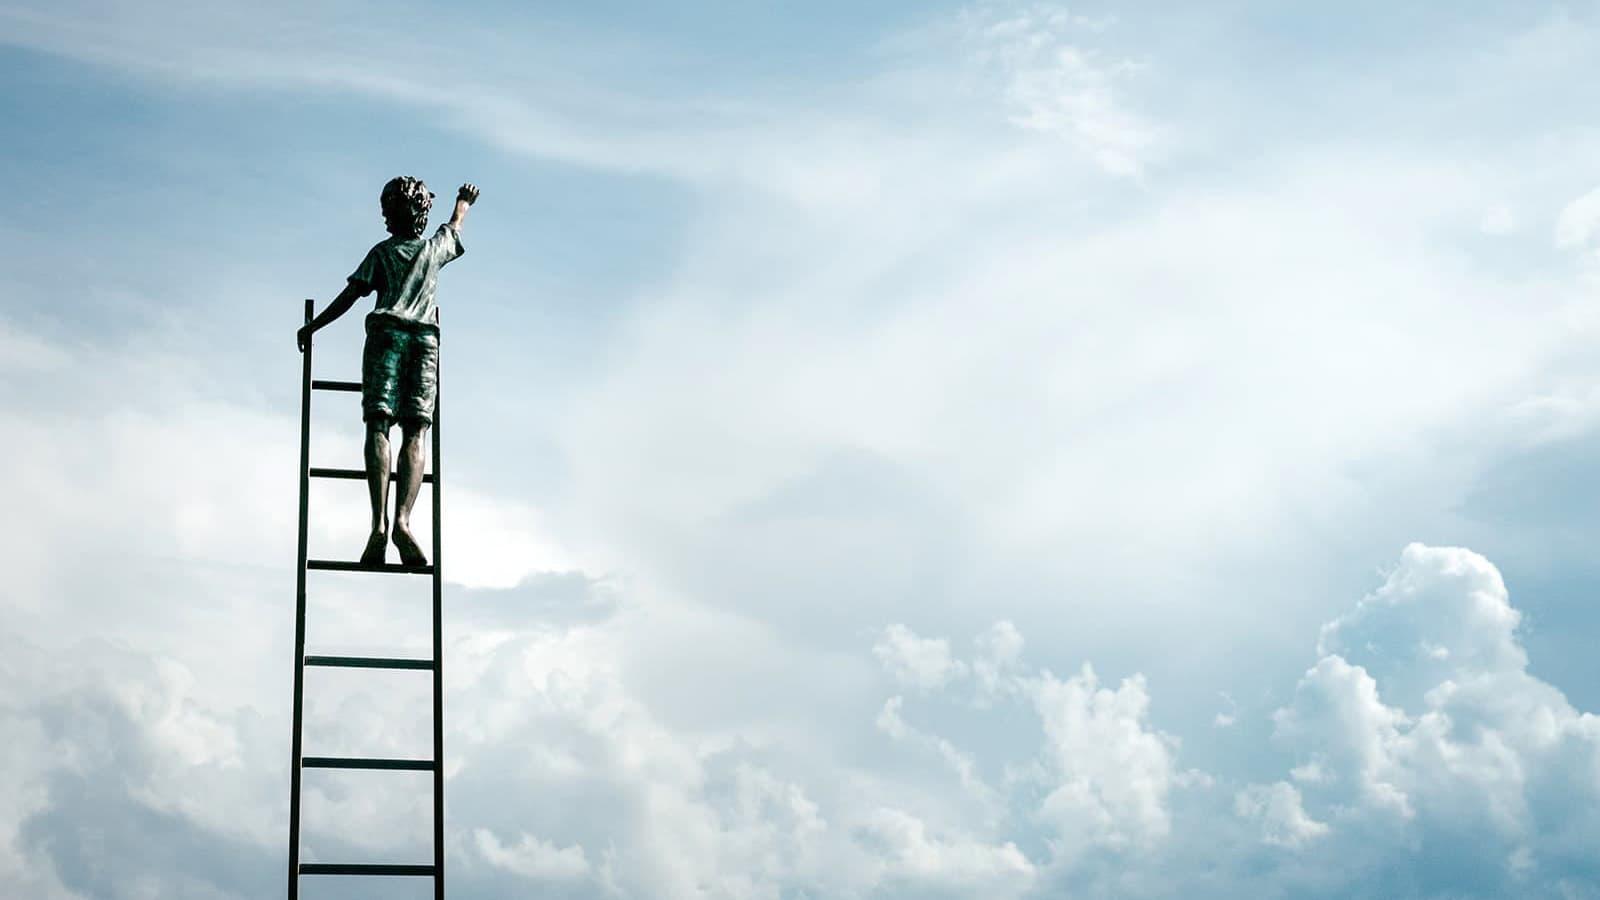 Führung und Wertediskussion: Ist die Orientierung an Werten profitabel?